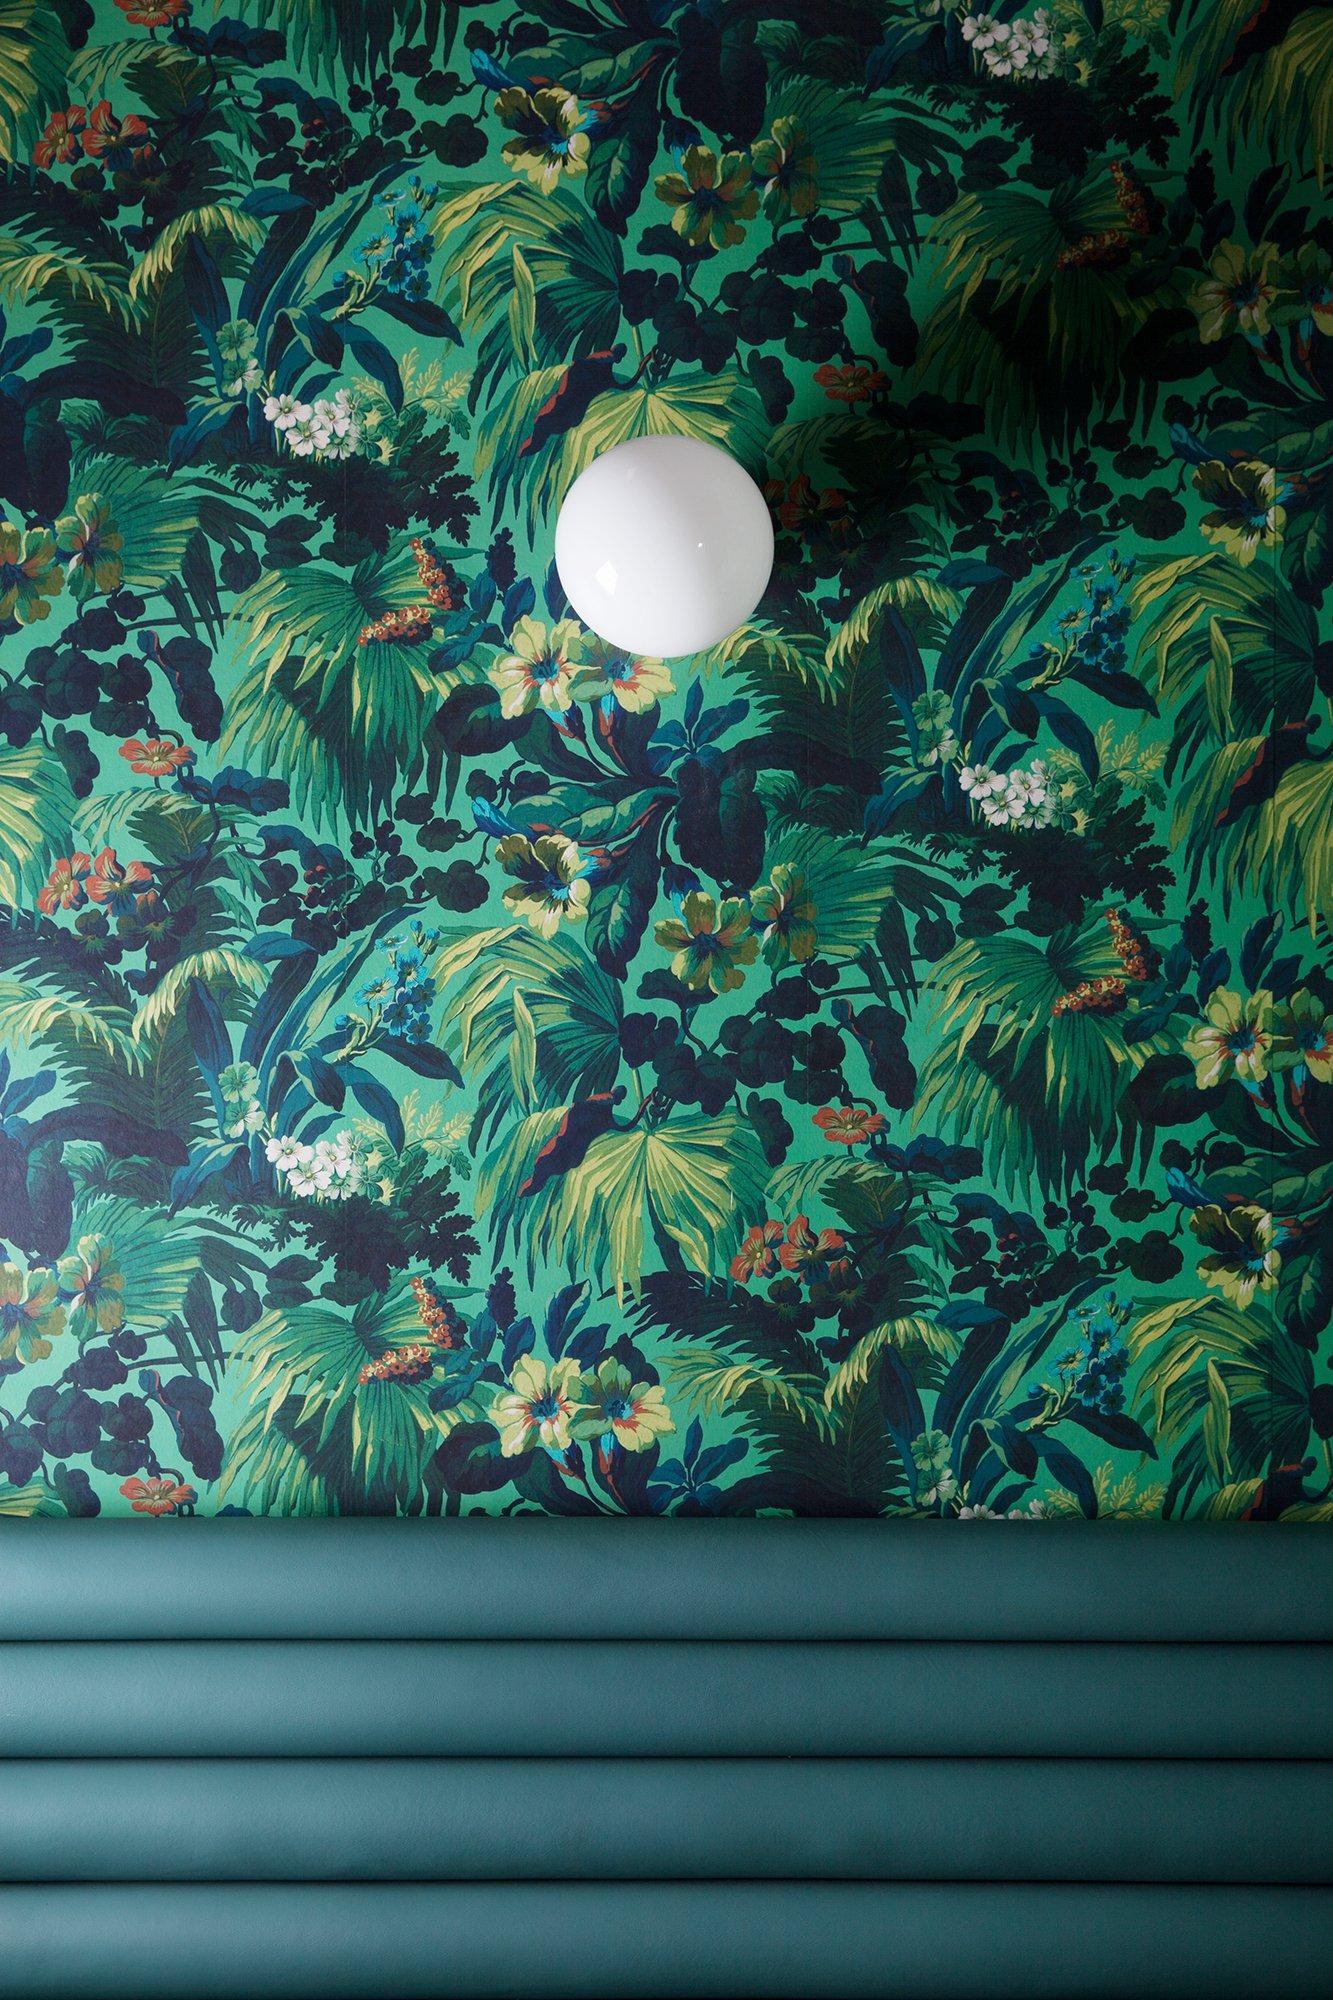 Mur salle papier-peint jungle vert BAM Karaoké Parmentier Décoration Paris